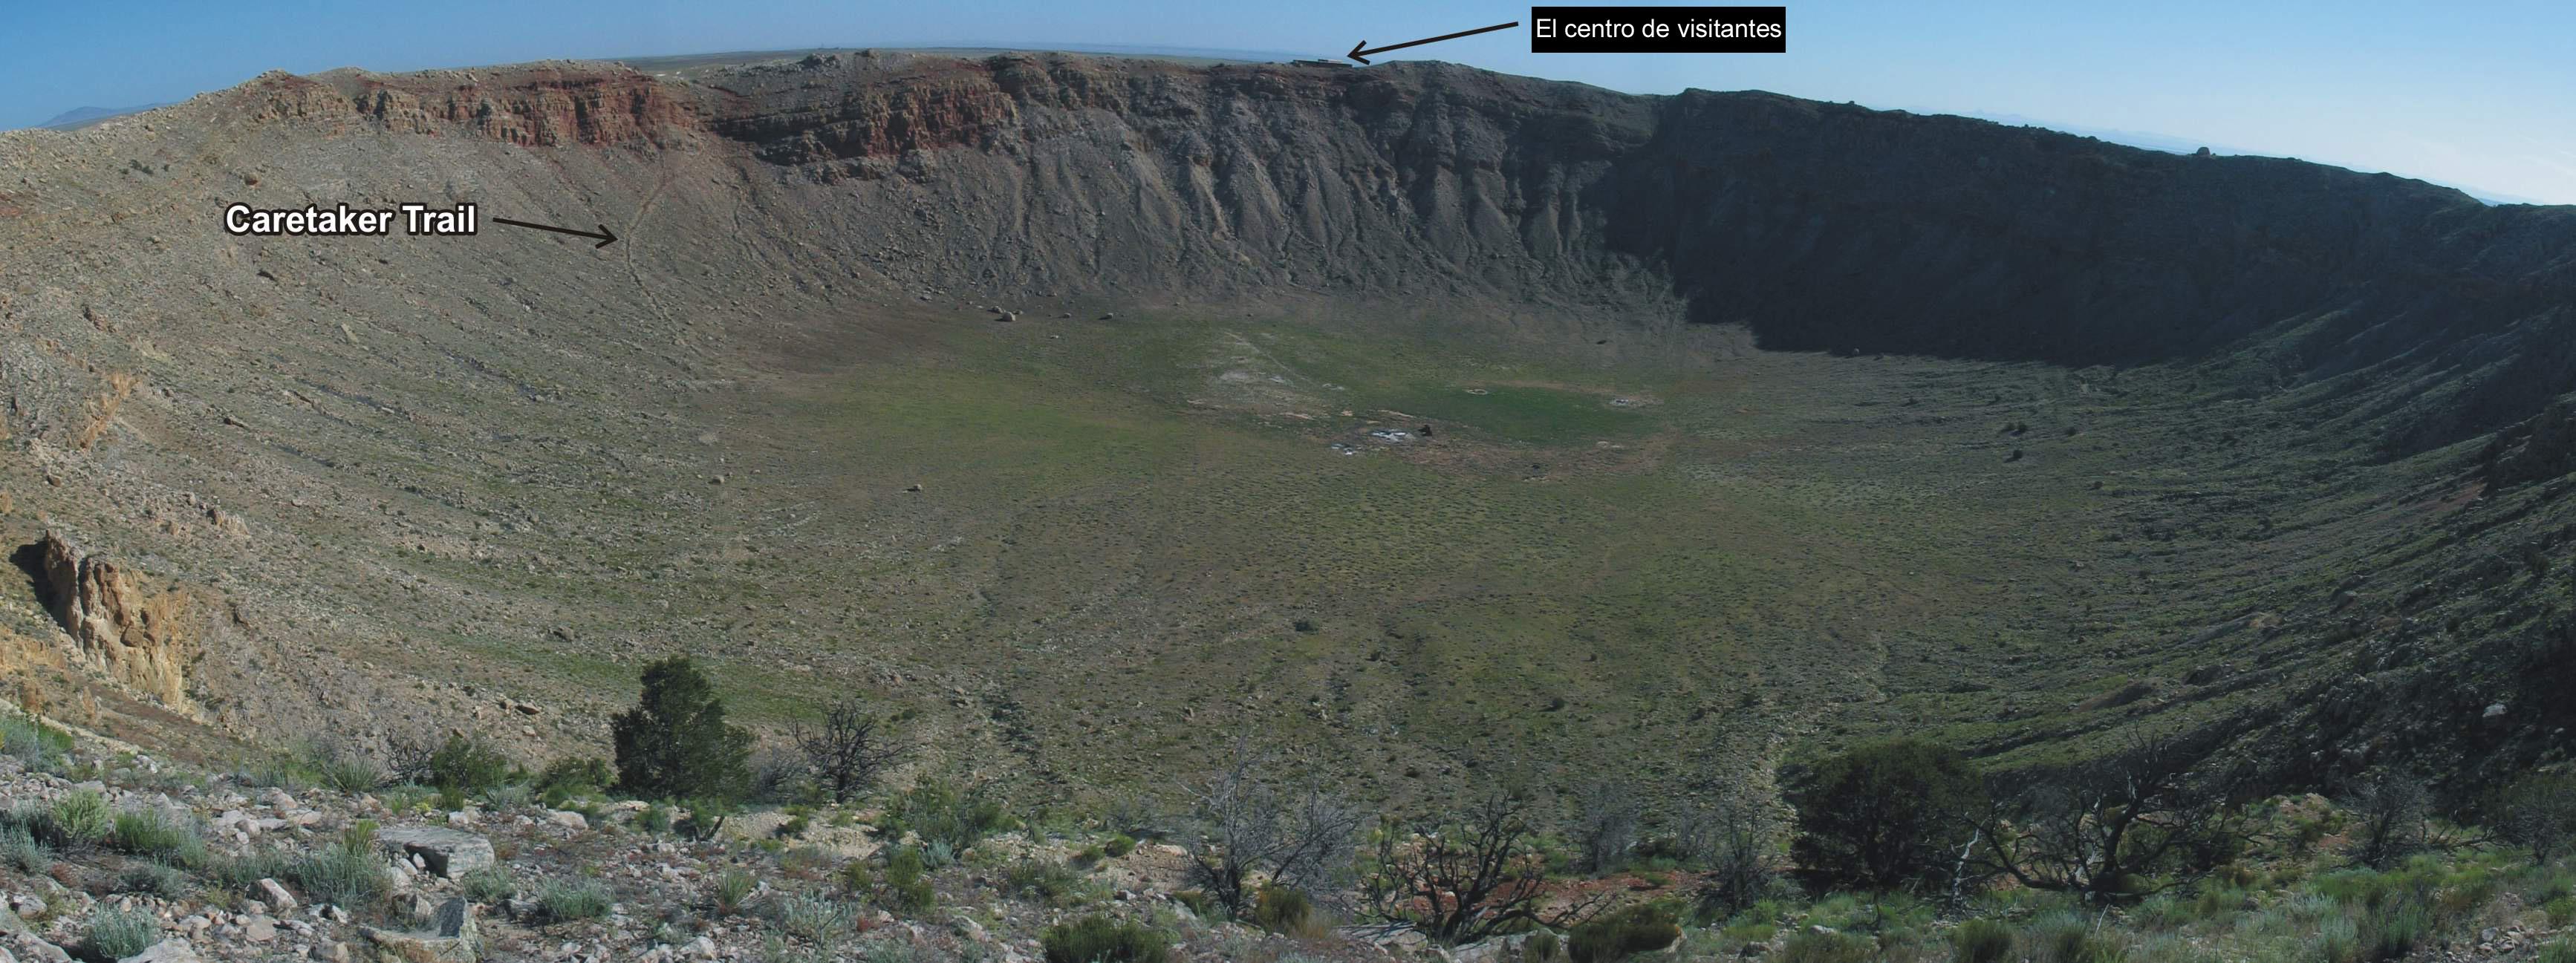 El cráter de Arizona podría no ser un cráter Barringer_Stop10c_spn